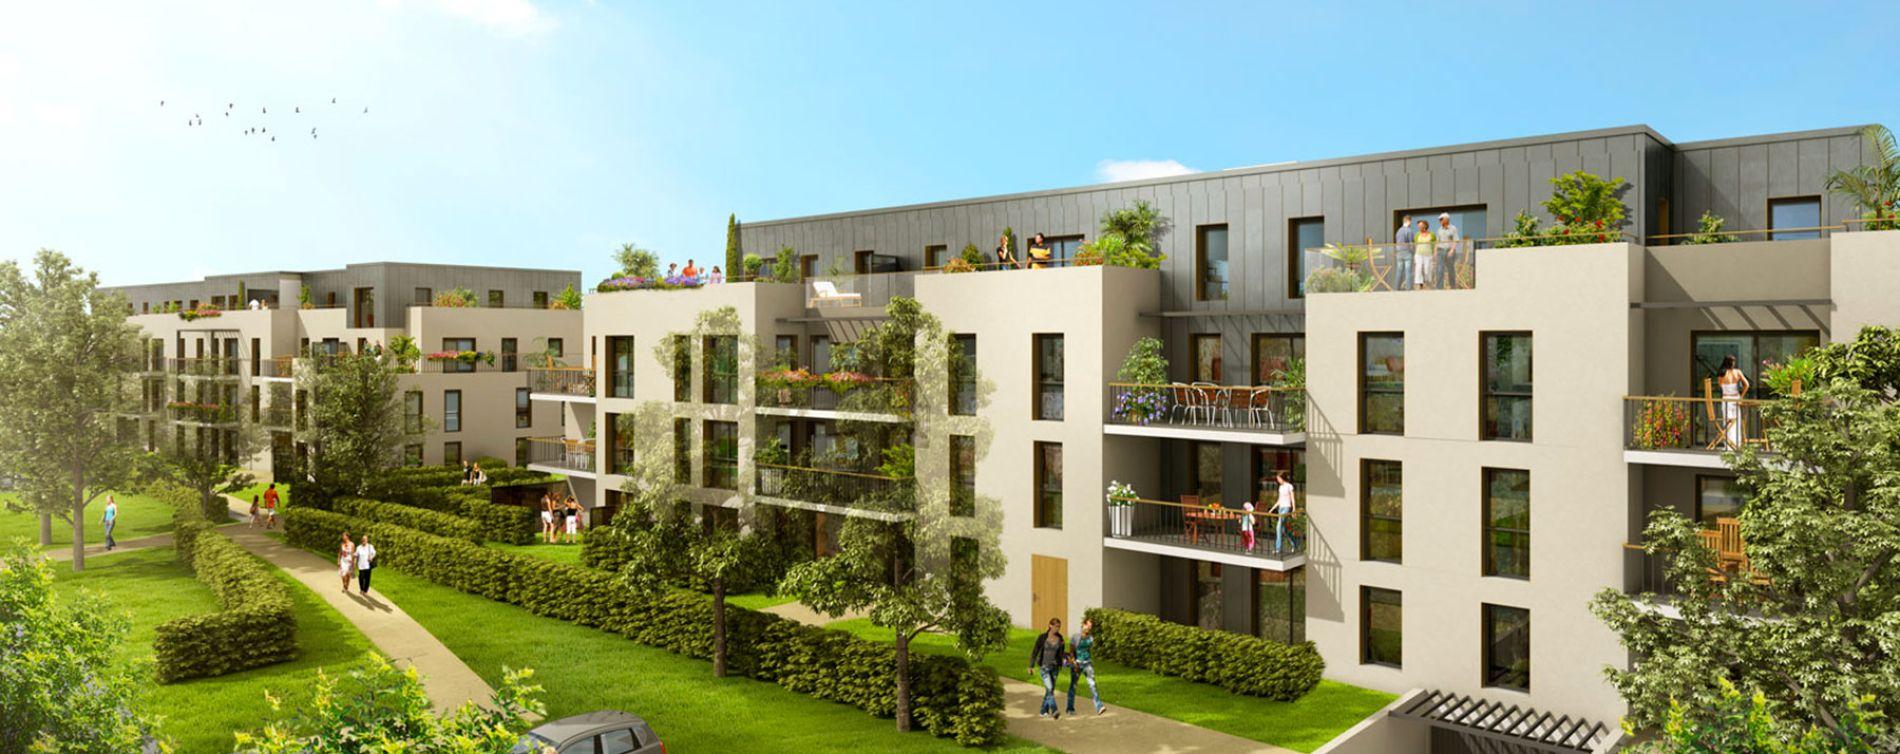 Résidence Castel Joli Acte 1 à Corbeil-Essonnes